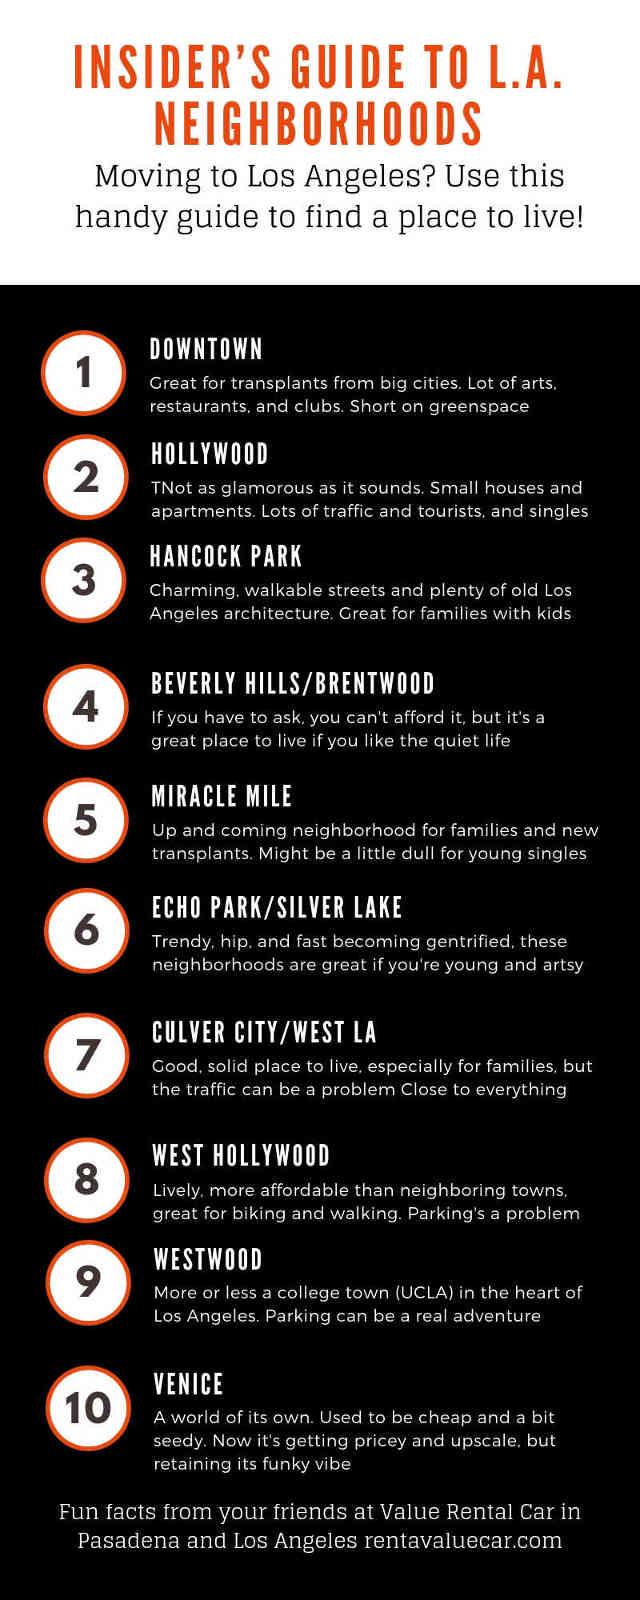 The Insider's Guide to L.A. Neighborhoods rentavaluecar.com